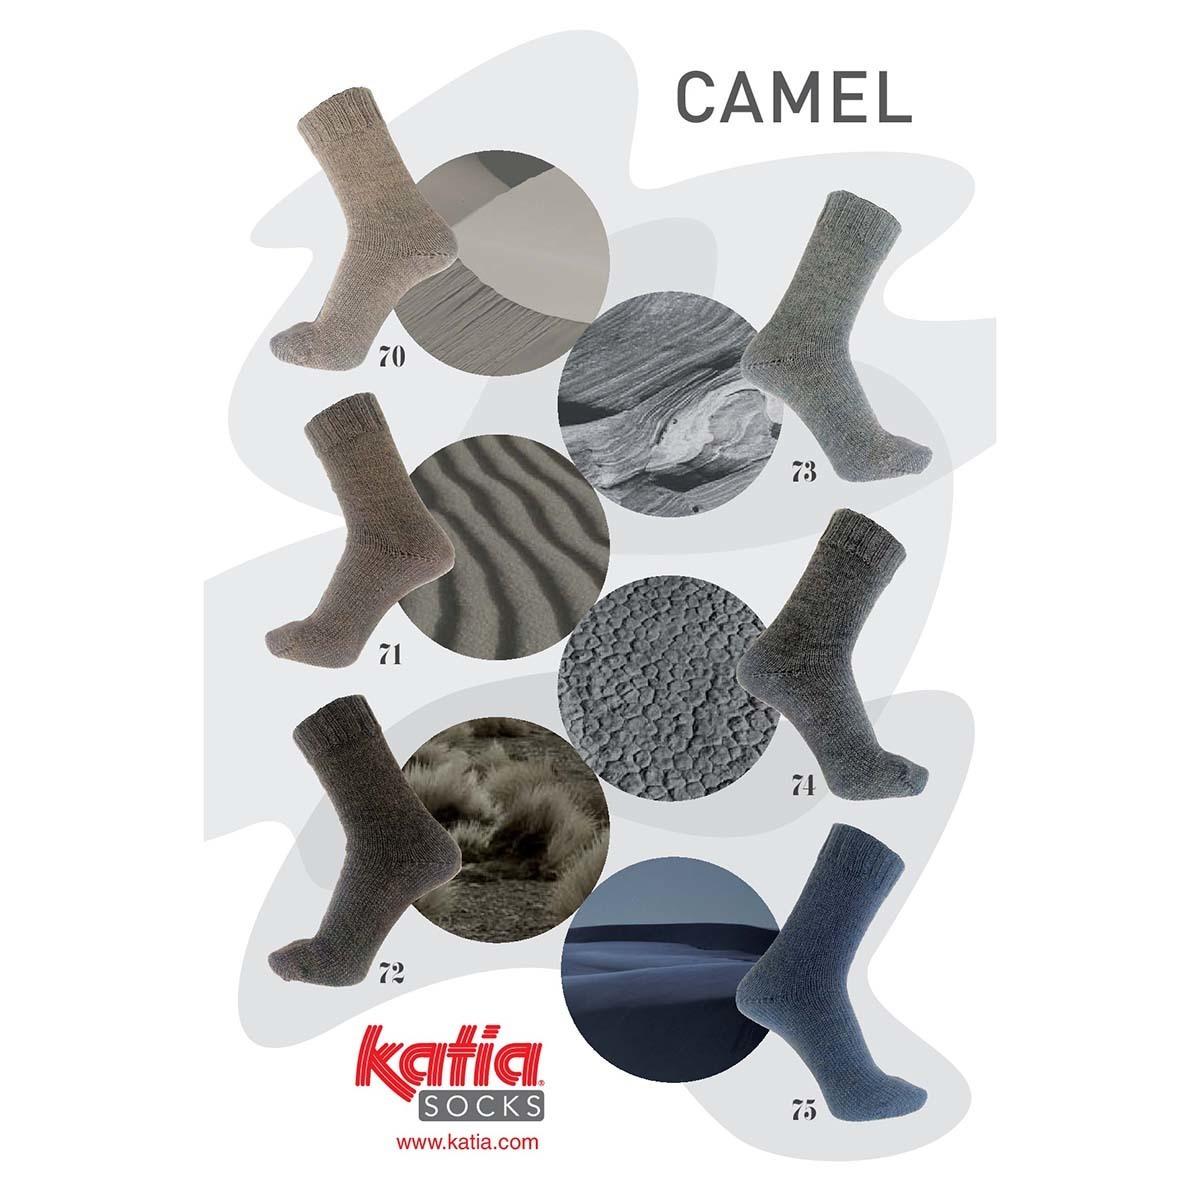 Katia Camel Socks - 70